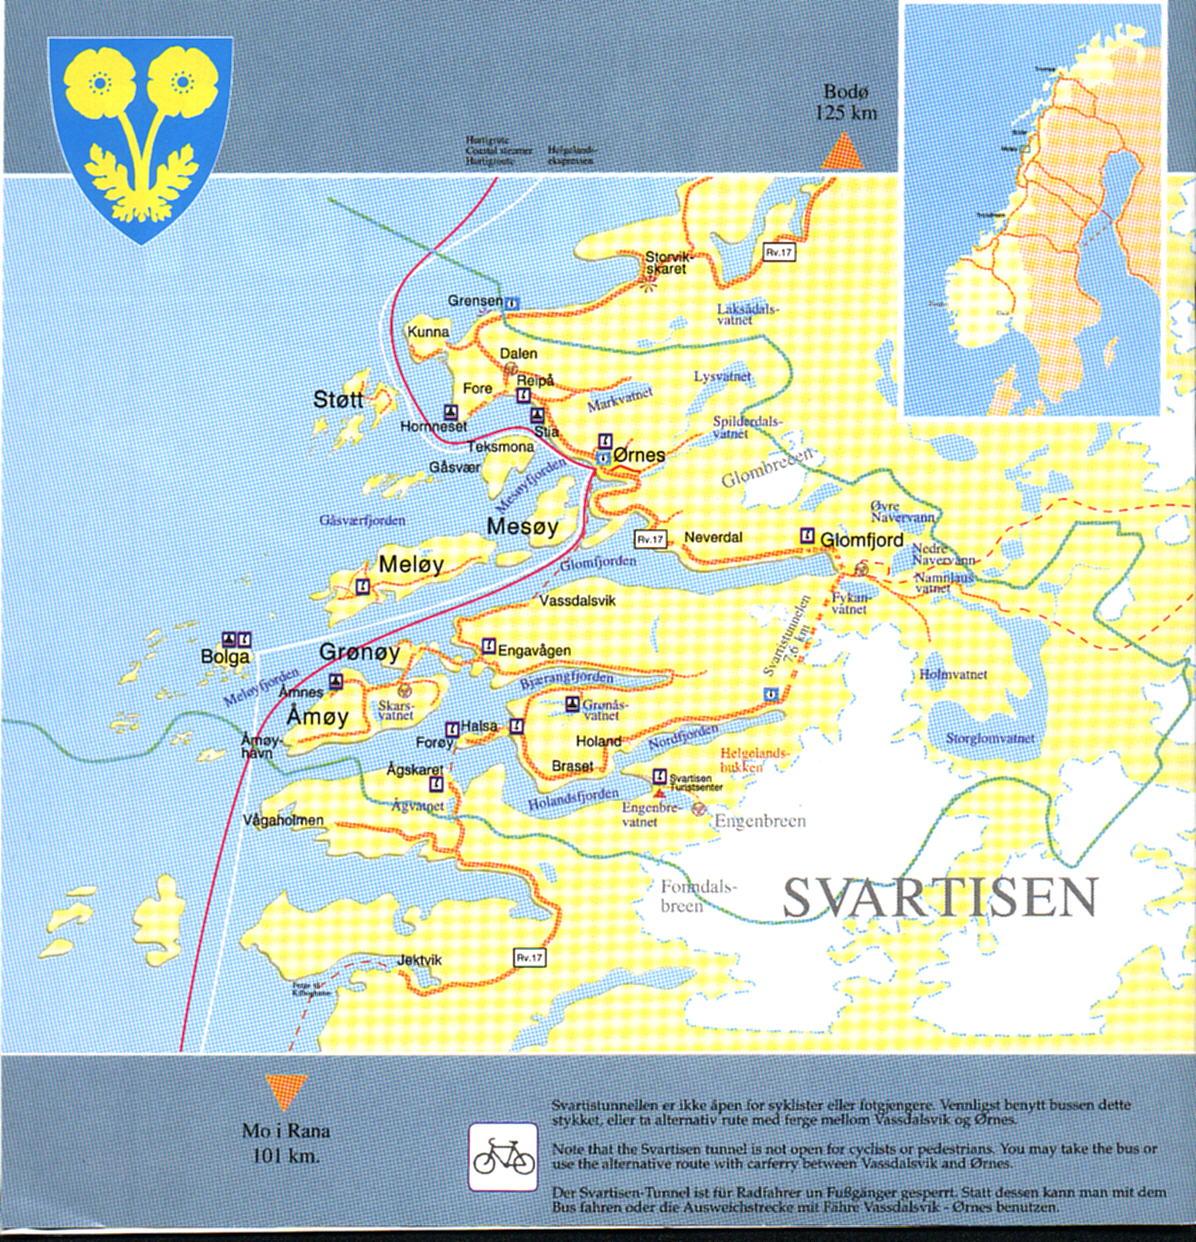 meloy_kommune_kart